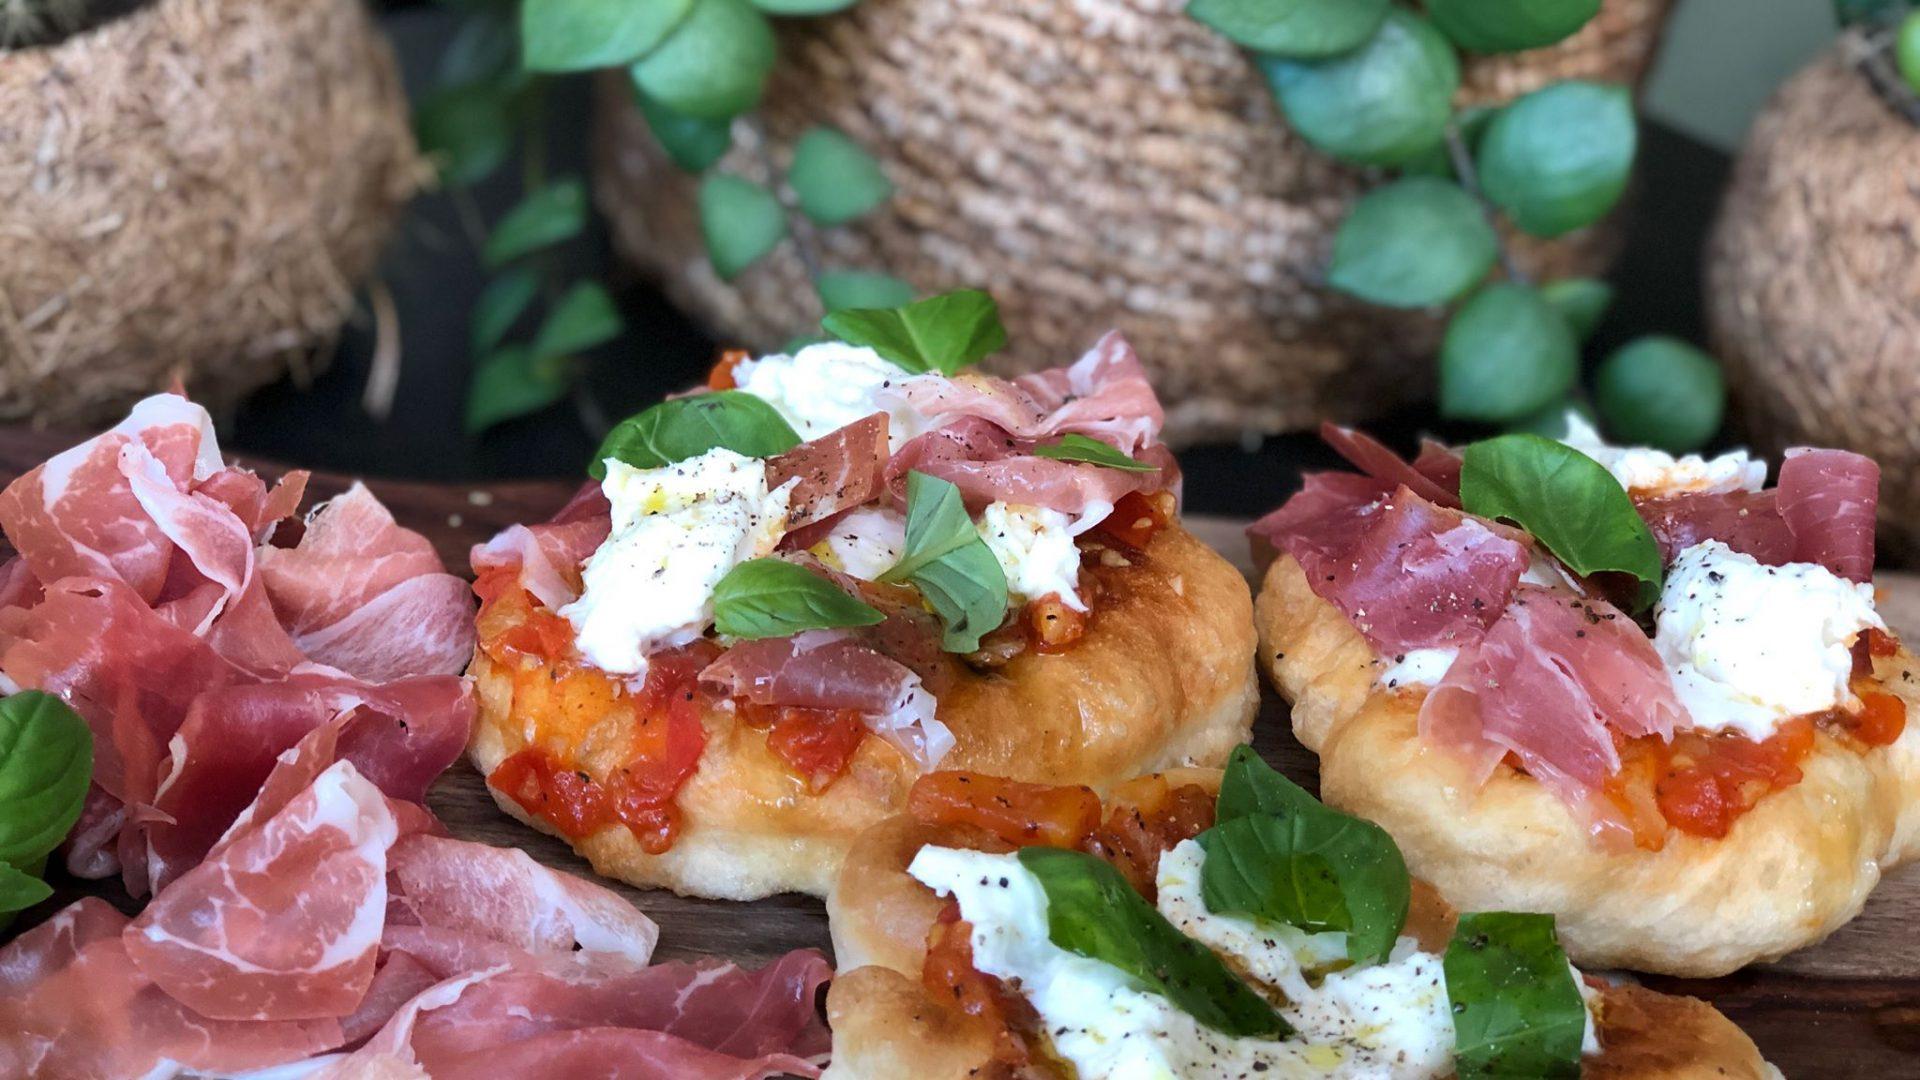 gefrituurde pizza ofwel pizza fritta recept